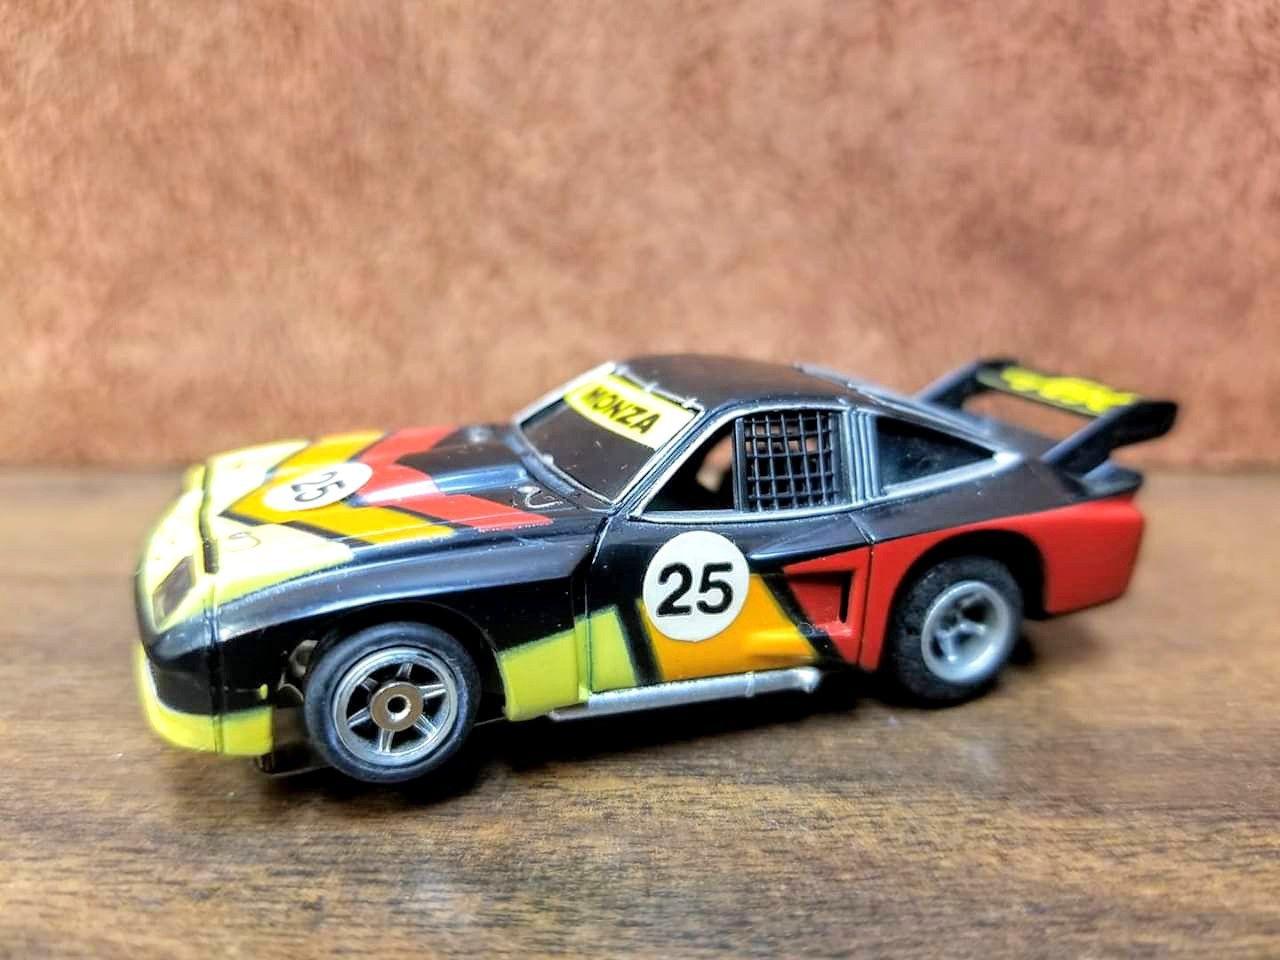 European FALLER A/FX Monza Super Flamethrower with front